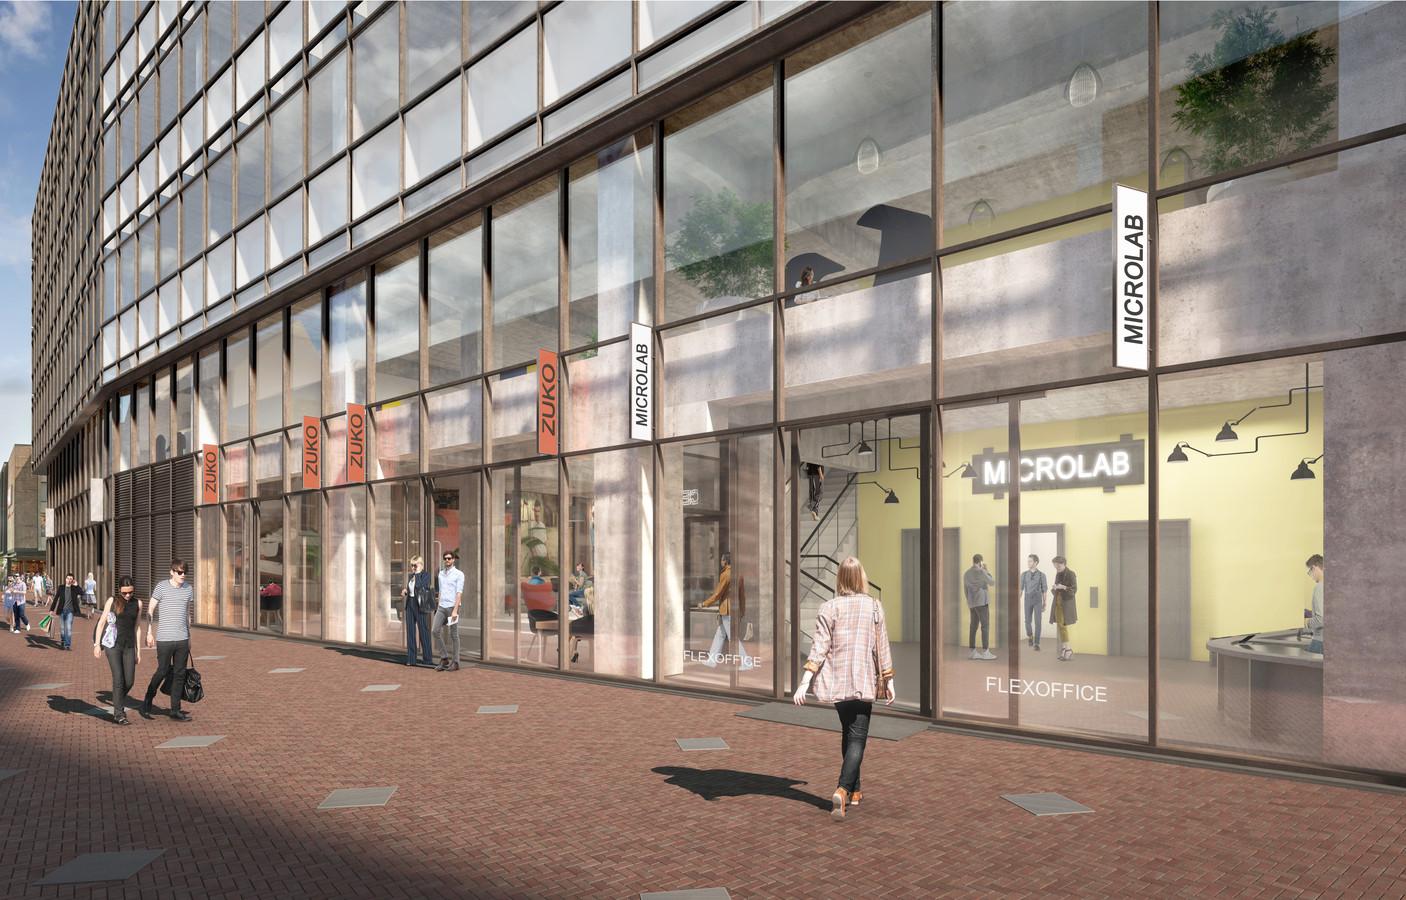 Illustratie van de nieuwe 'V&D' in Eindhoven waar plek is voor de winkels Costes en Foot Locker en flexwerkplekverhuurder Microlab.